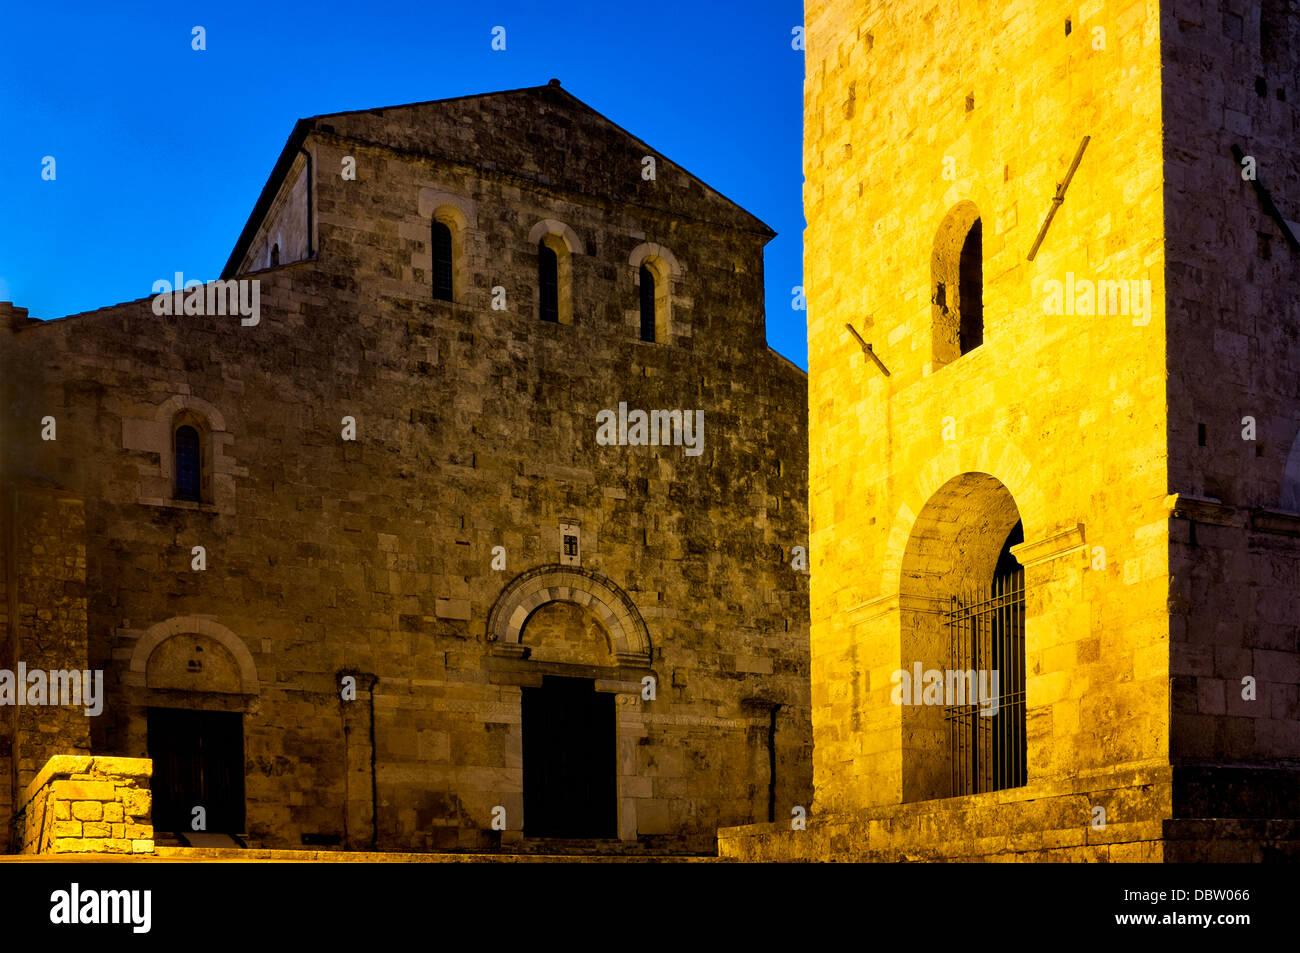 Fassade der Kathedrale von Santa Maria, Anagni, Italien Stockbild